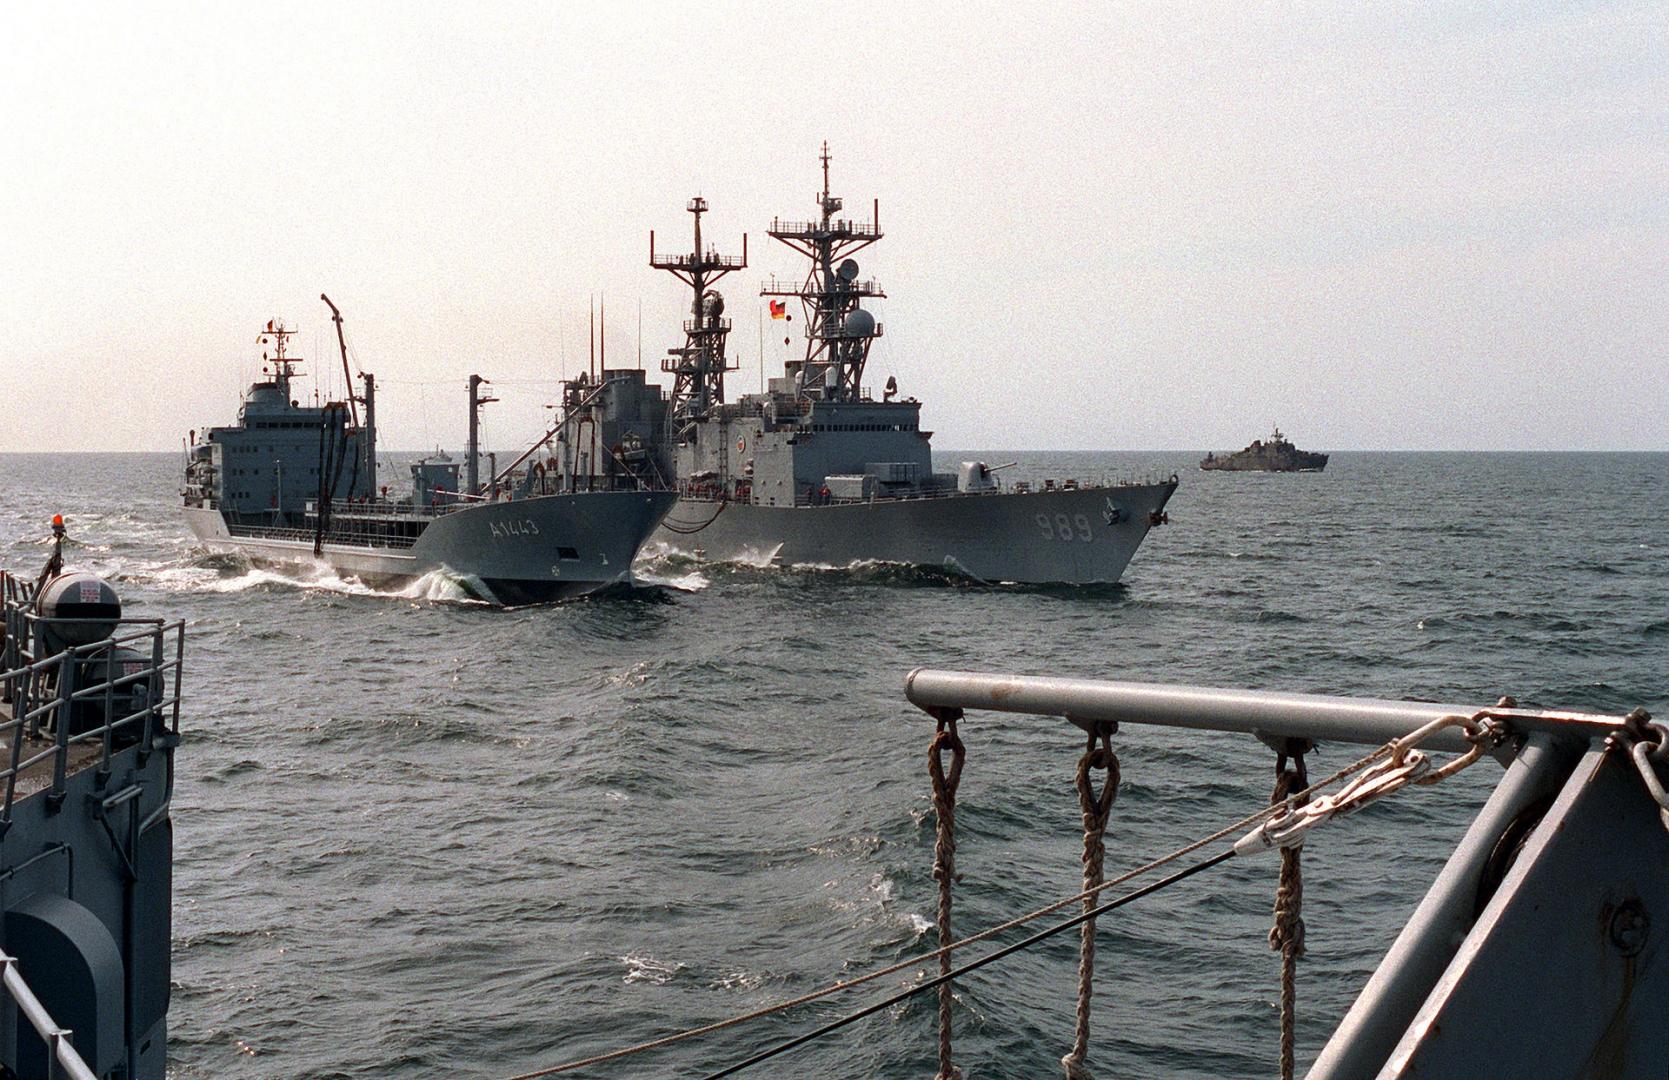 Группировка кораблей ВМС Германии на учениях в Балтийском море